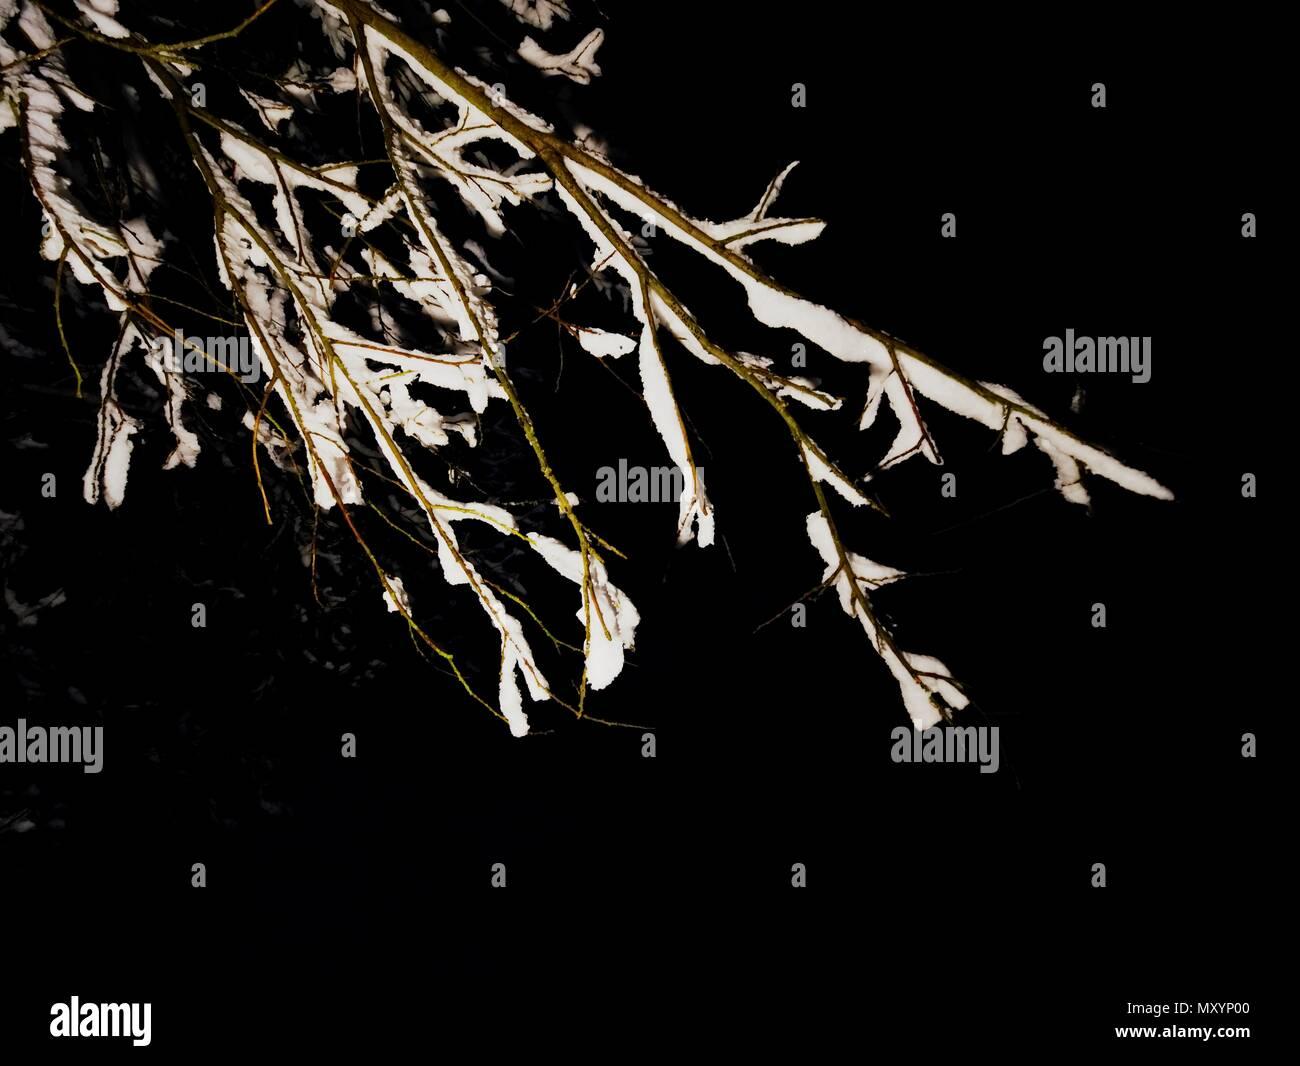 Zweige von Bäumen werden mit frischen Schnee in einen mysteriösen Wald bedeckt. Am Abend eine spannende kalten Jahreszeit Stockbild